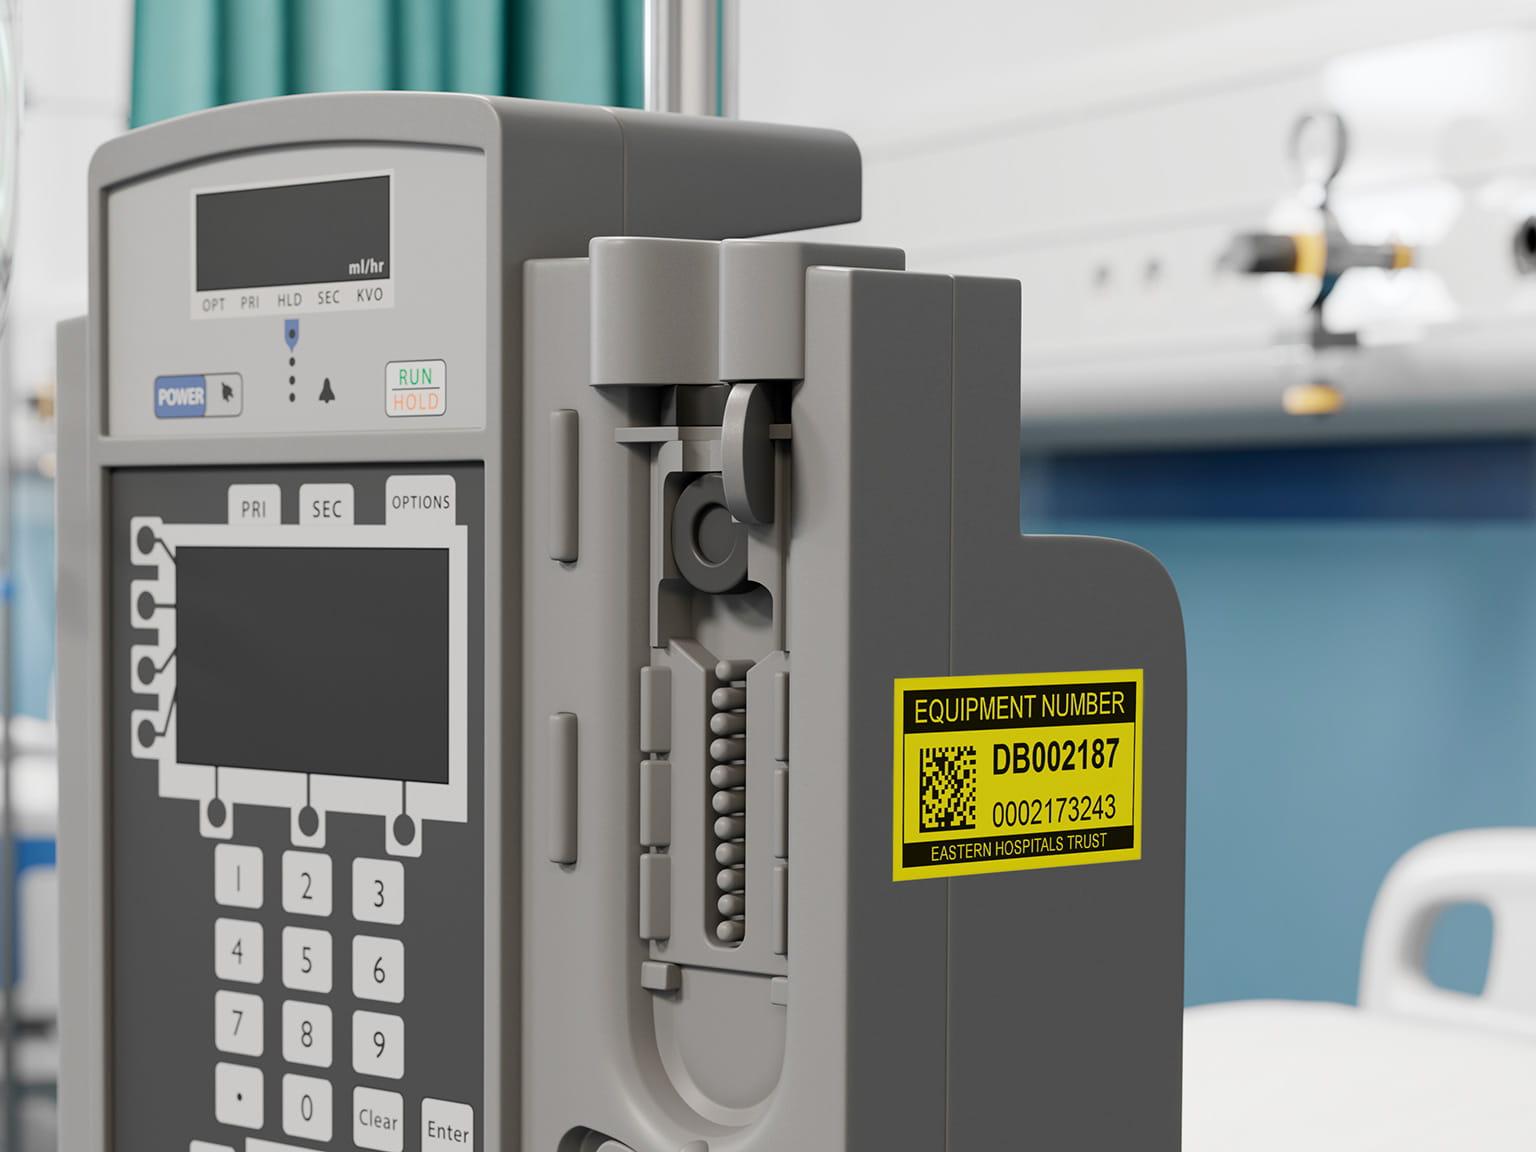 Brother P-touch inventární štítek černá na žluté na nemocničním zdravotnickém zařízení